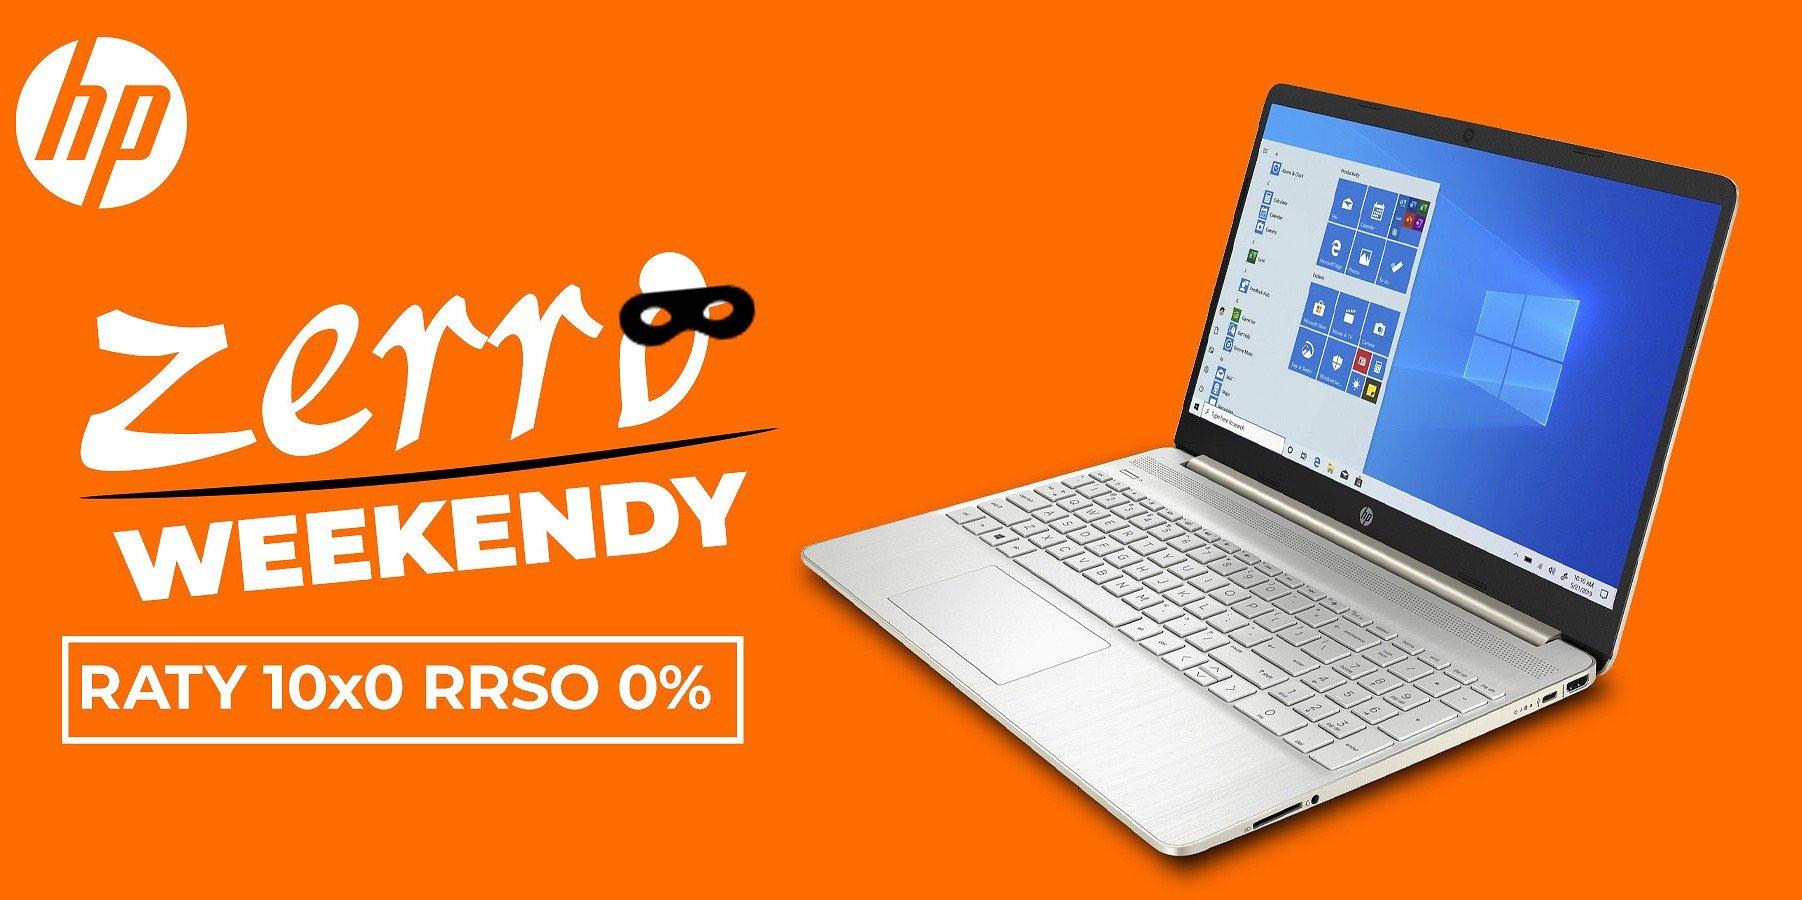 Wielka wyprzedaż laptopów już w ten weekend!